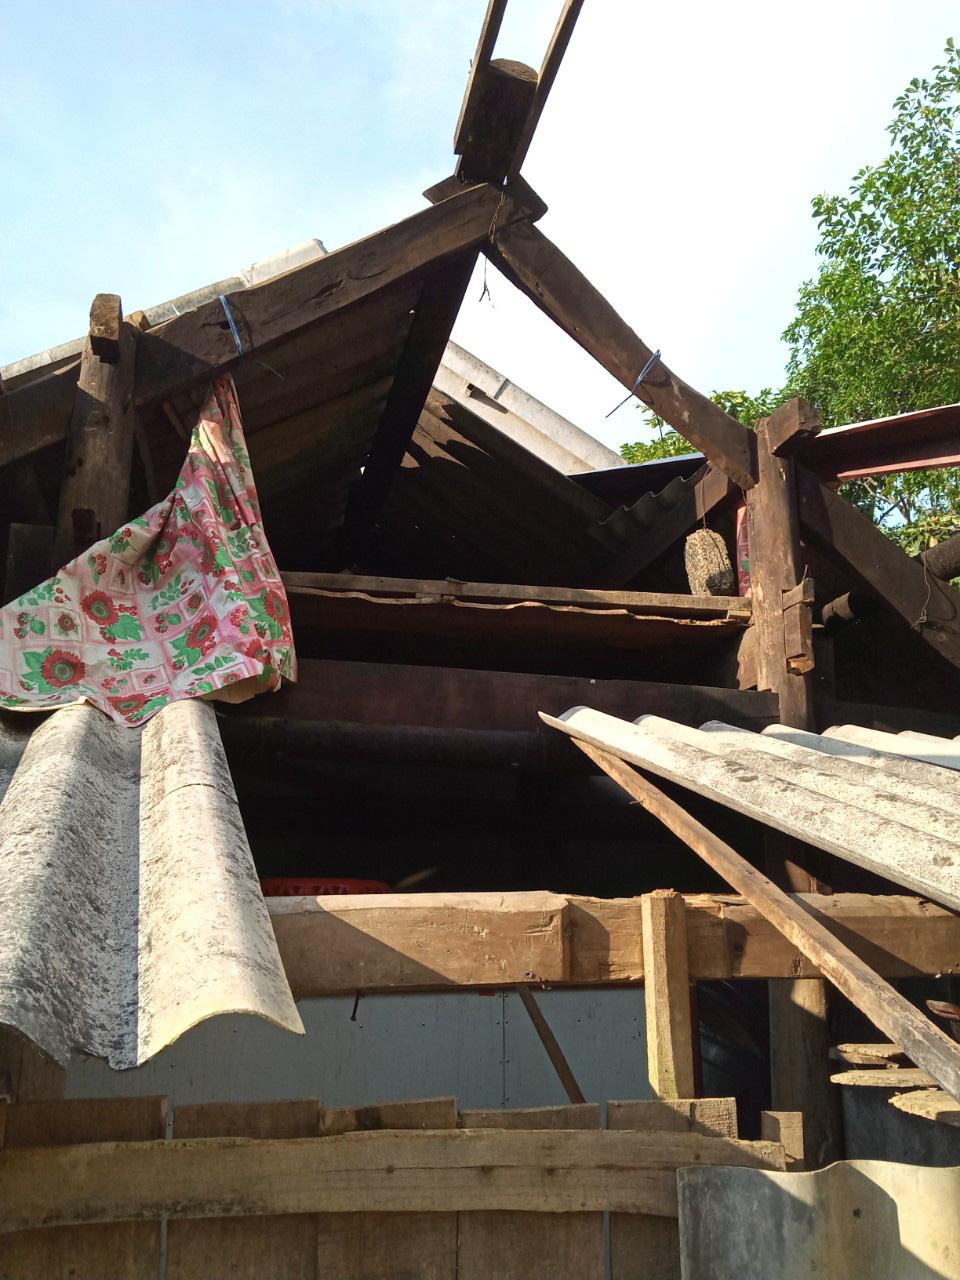 Hà Tĩnh: Lốc xoáy quét qua, hàng trăm ngôi nhà tốc mái, hoa màu hư hỏng nặng, thiệt hại hàng tỷ đồng - Ảnh 2.